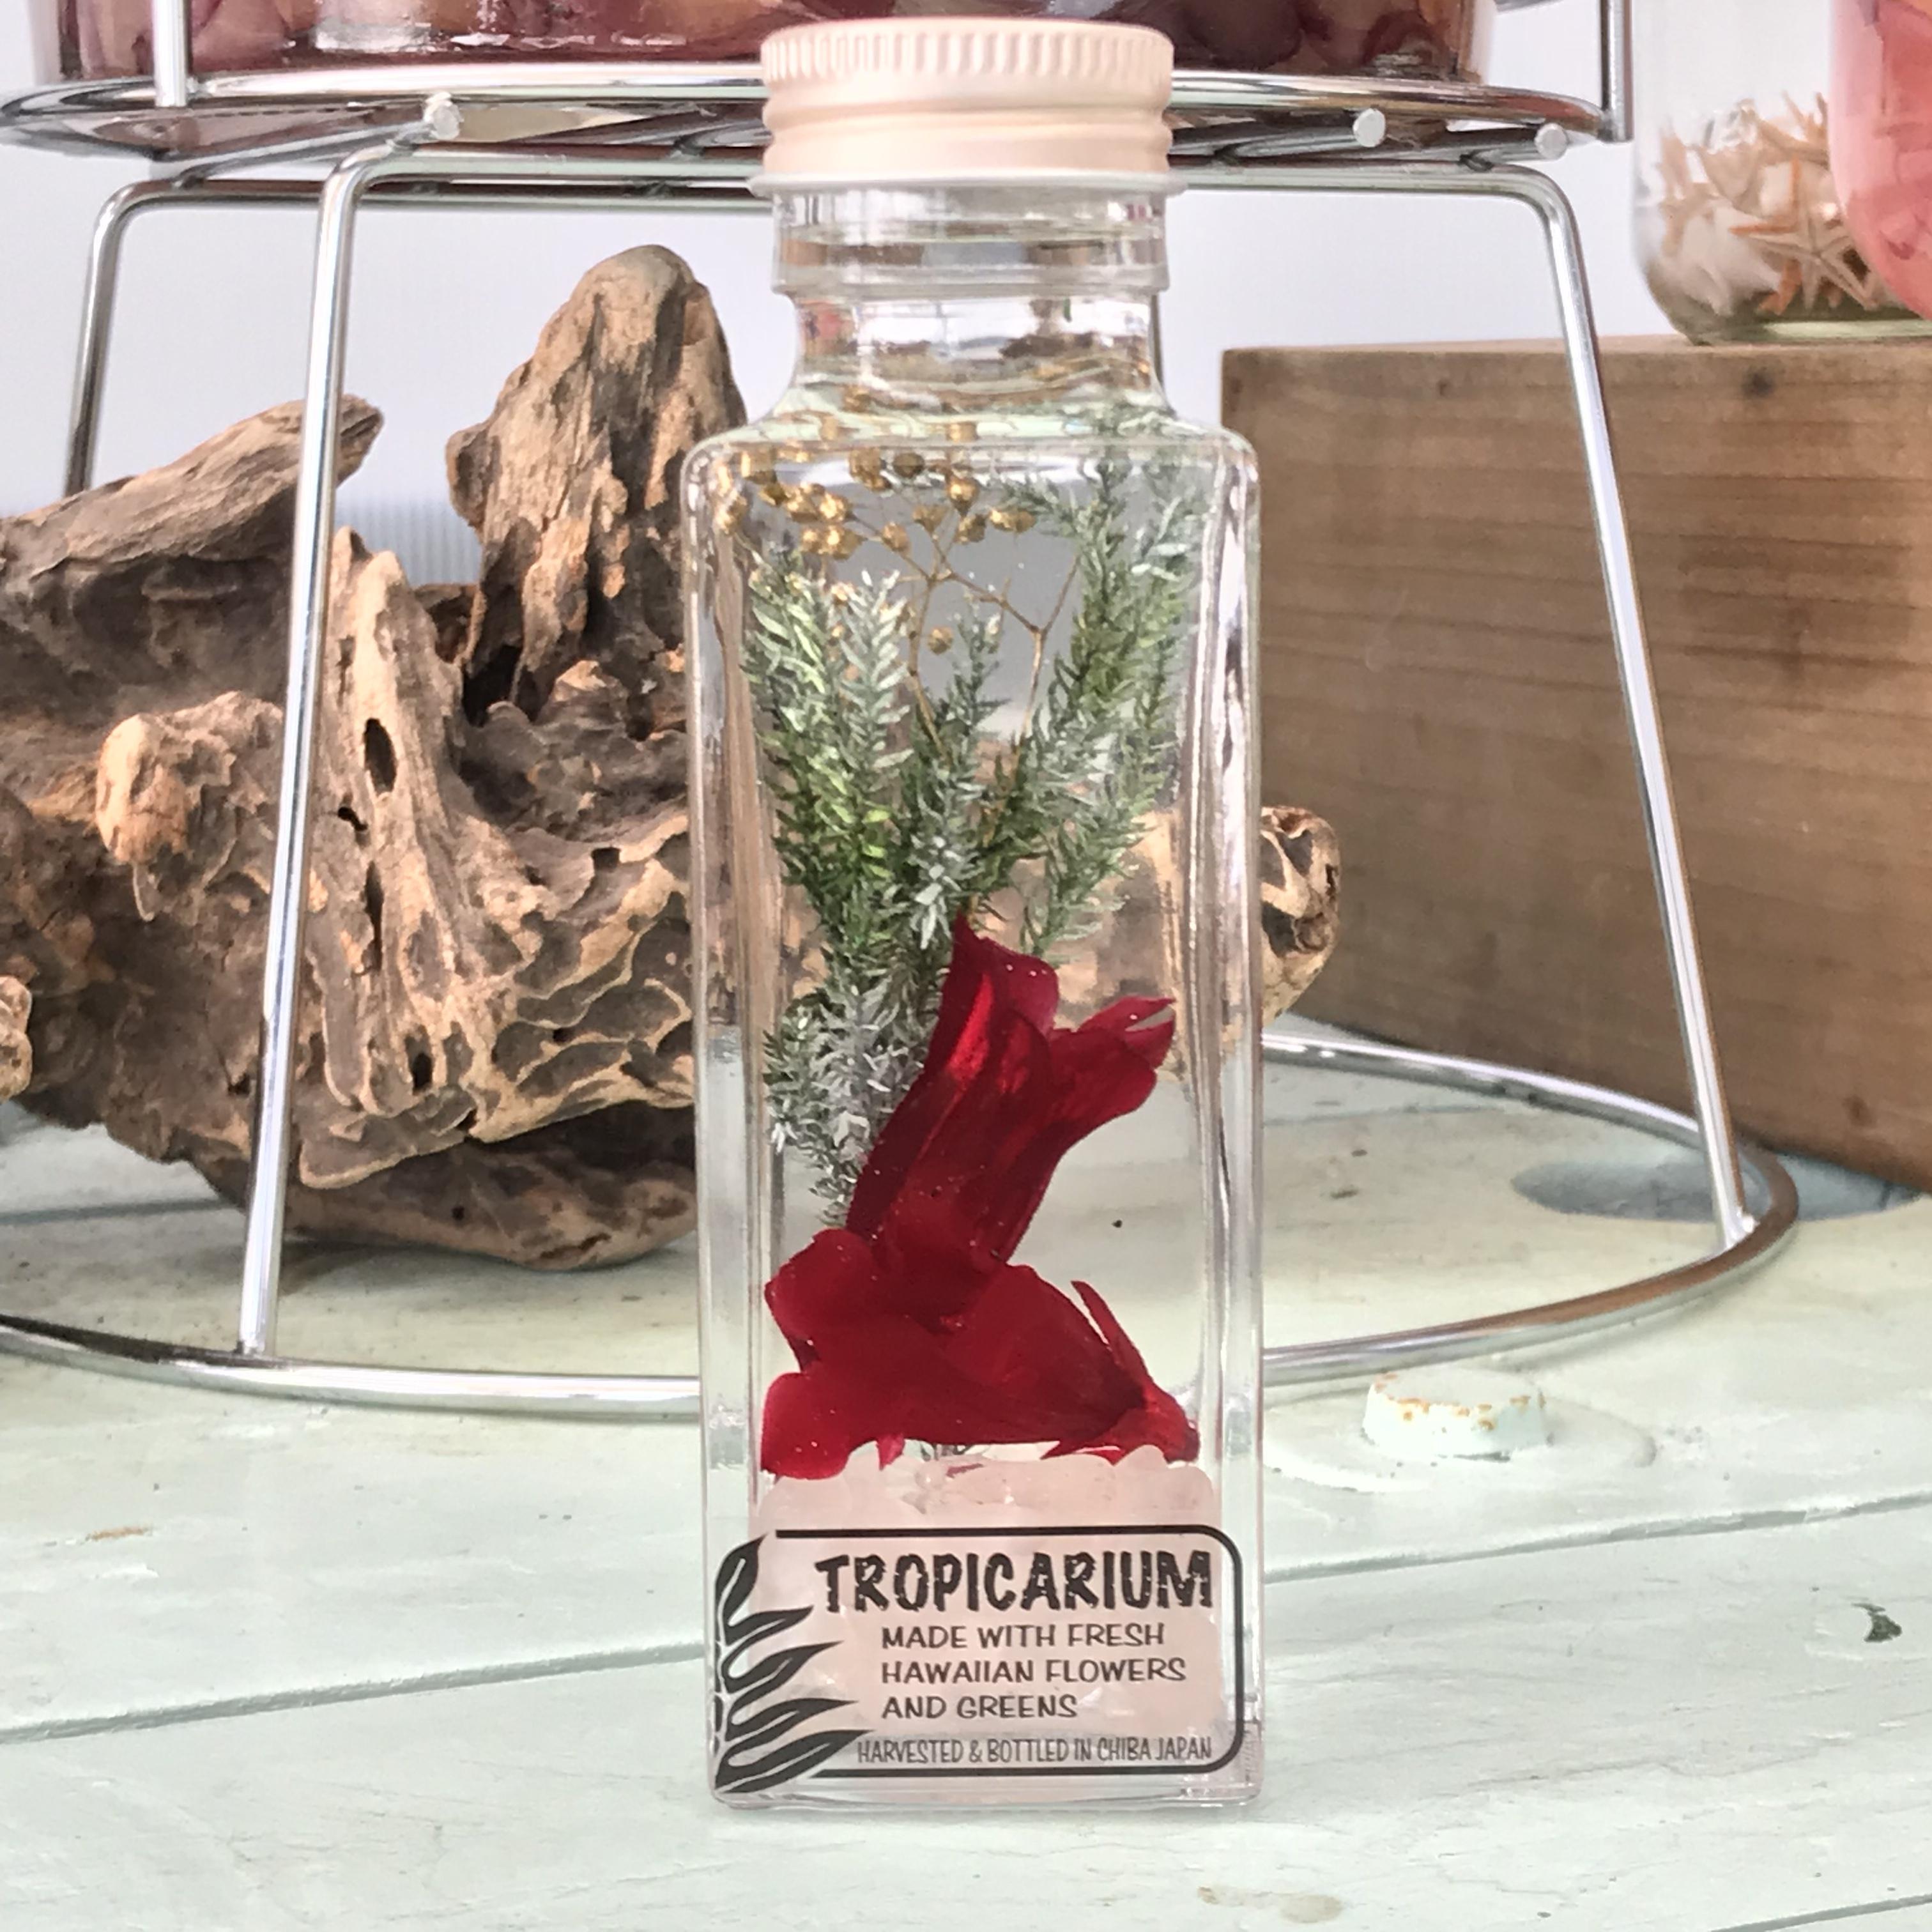 【Walohaなハーバリウム】幸福を呼ぶ星咲きリンドウのトロピカリウム クラシックレッド・紅水晶(スクエアボトル・プリザーブド・ローズクオーツ使用)